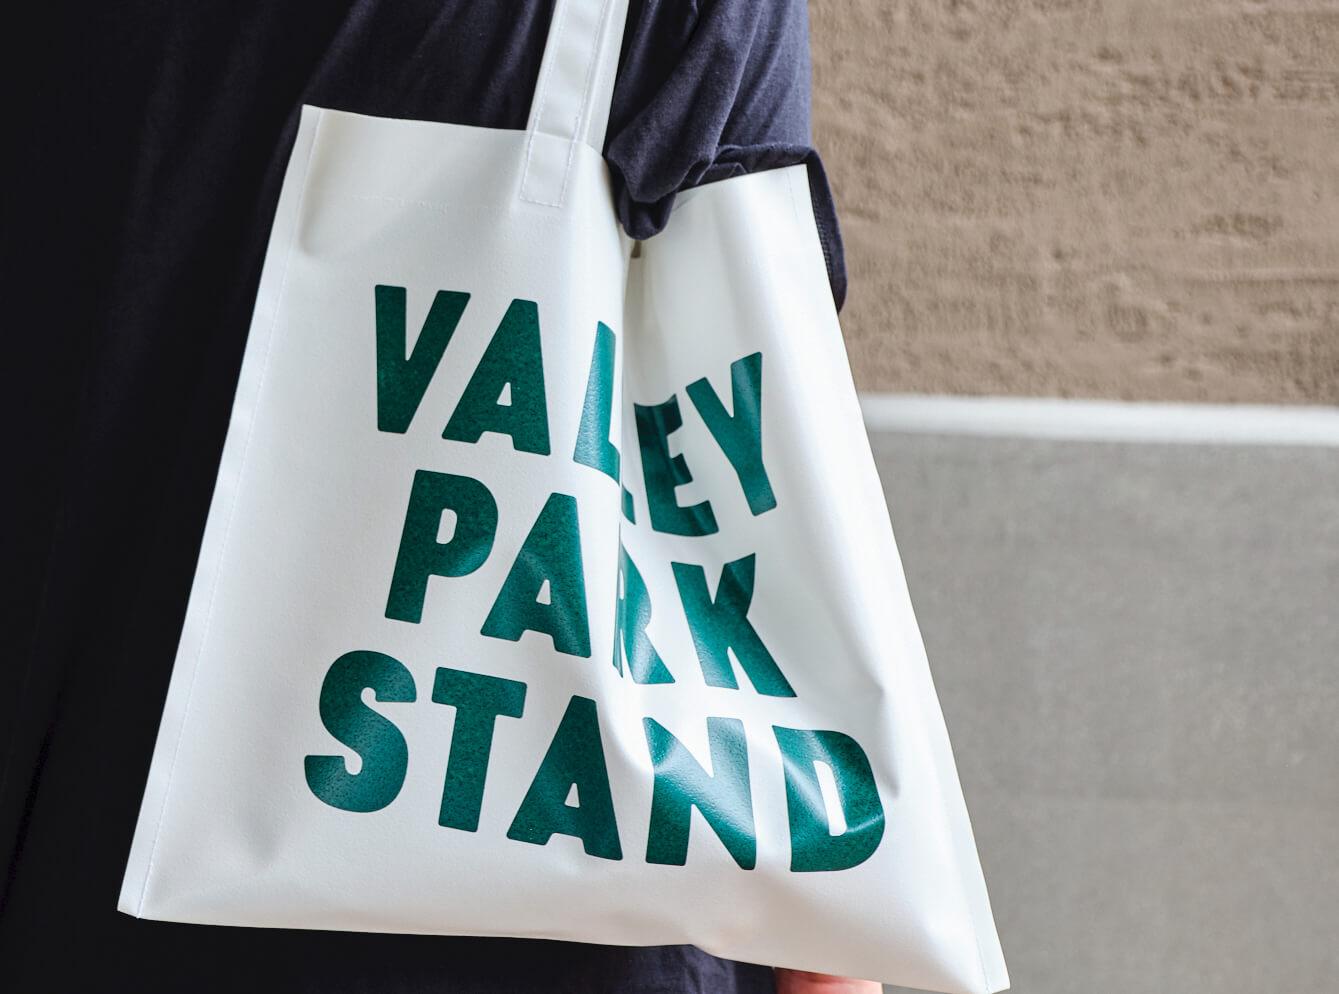 渋谷宮下パーク「VALLEY PARK STAND(ヴァリーパークスタンド)」